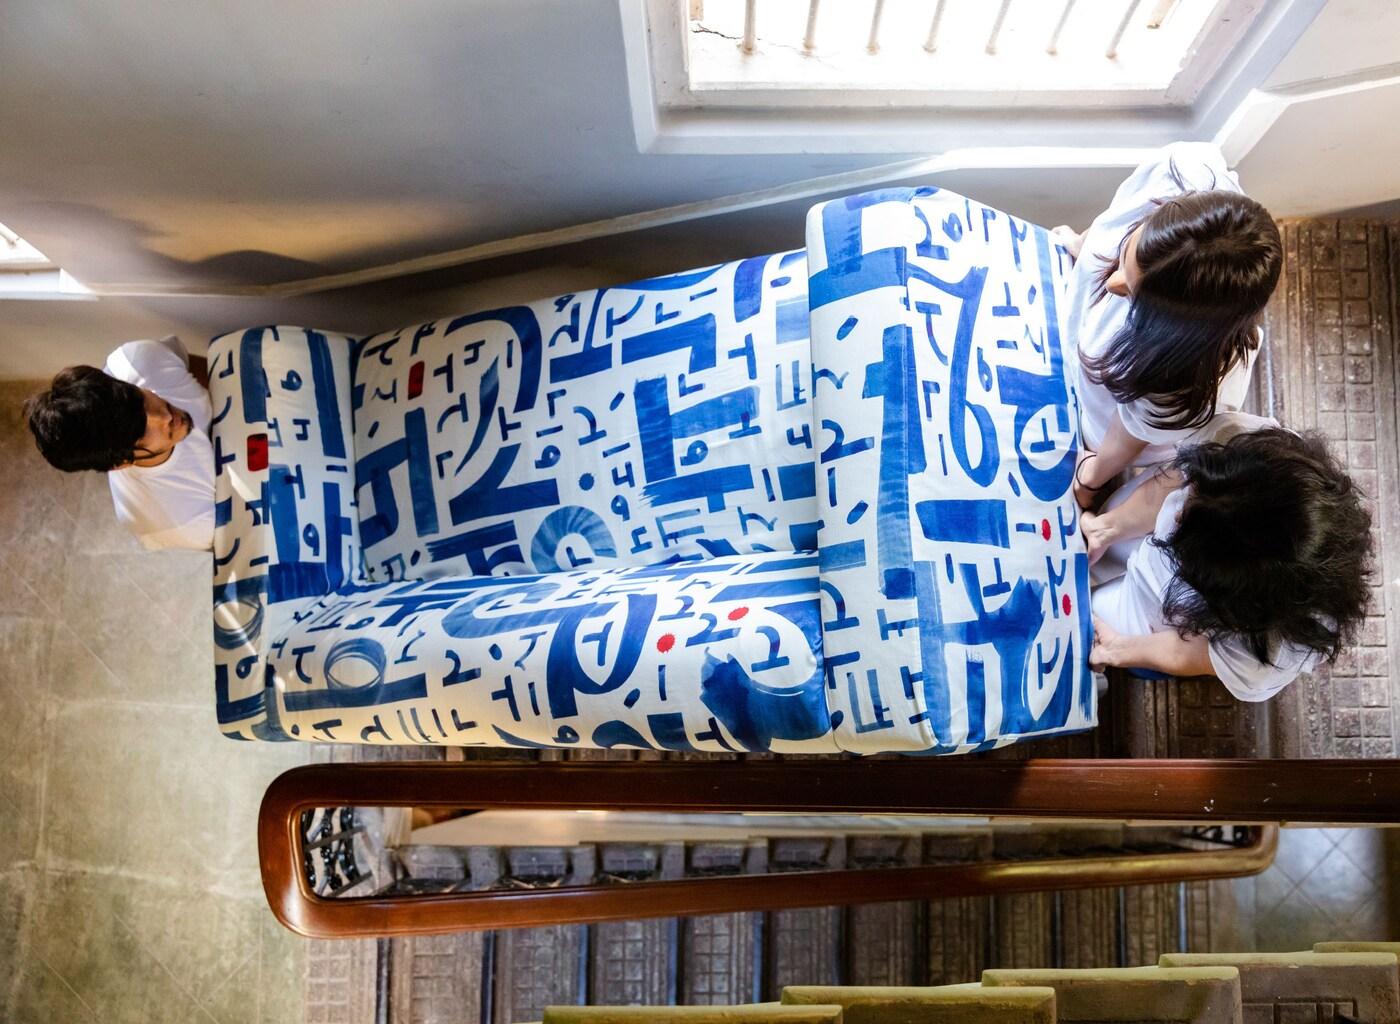 블루와 화이트 색상의 KLIPPAN 클리판 소파를 계단 위로 옮기는 세 명의 사람.